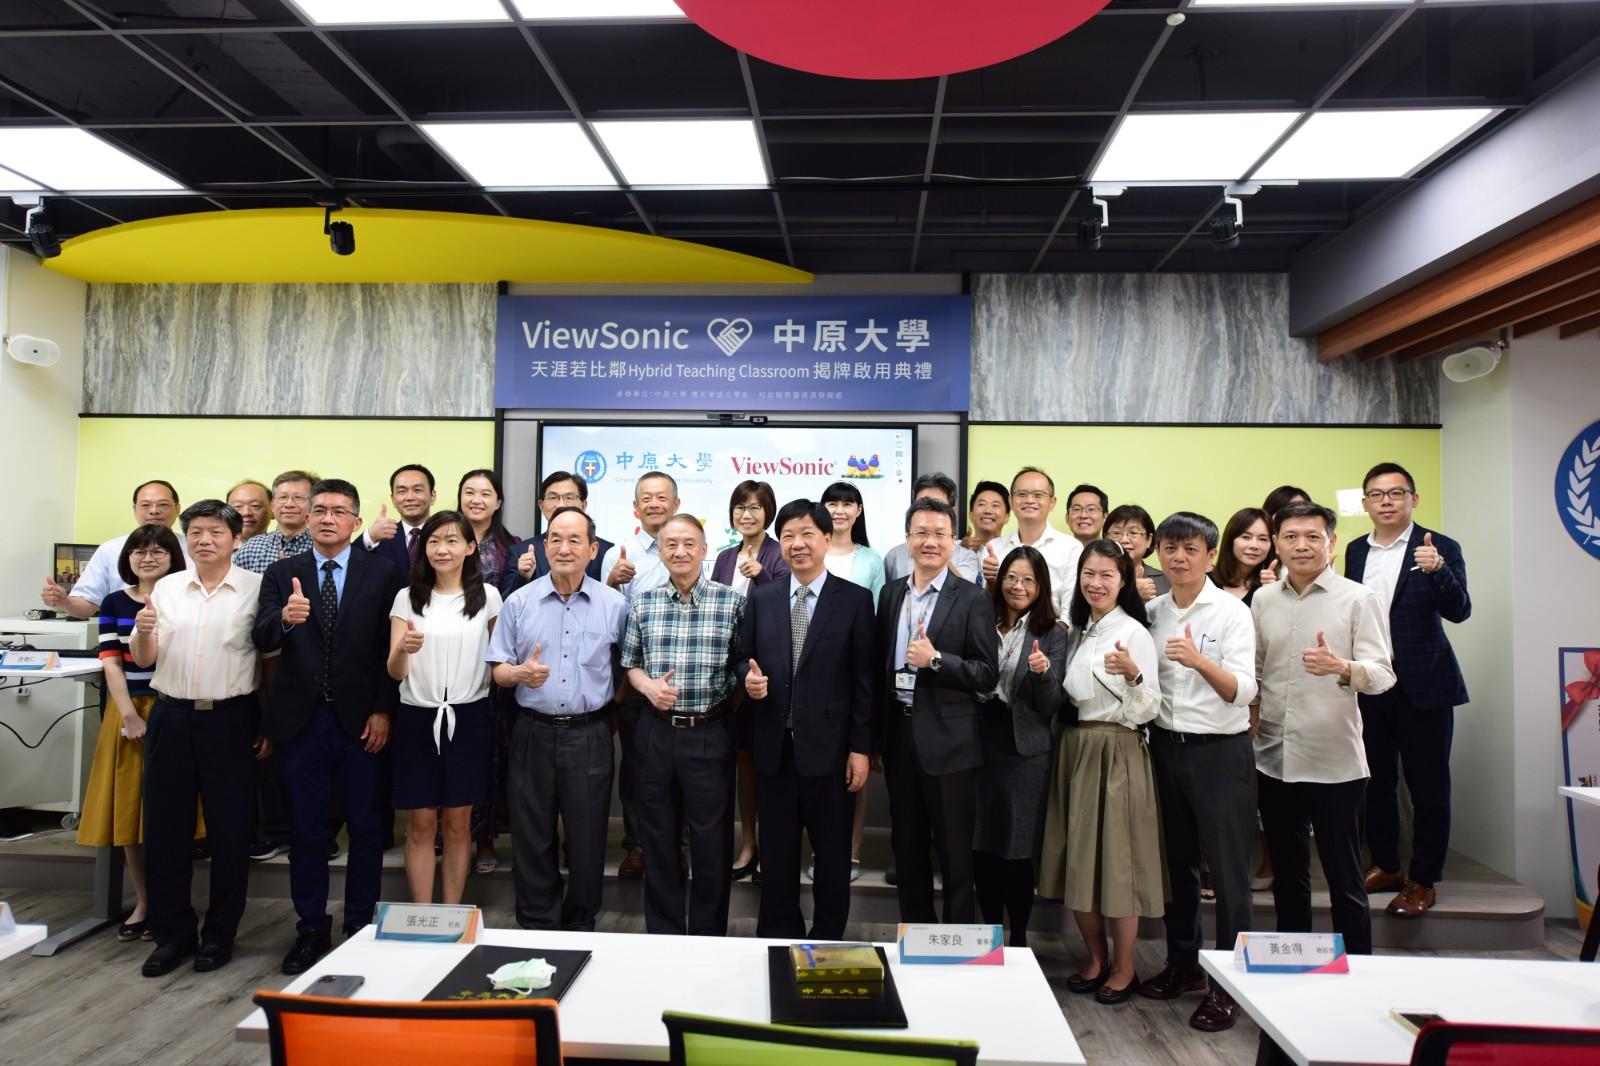 中原大學宣布與ViewSonic合作,攜手打造全球第一間ViewSonic Hybrid複合教學教室。.jpg